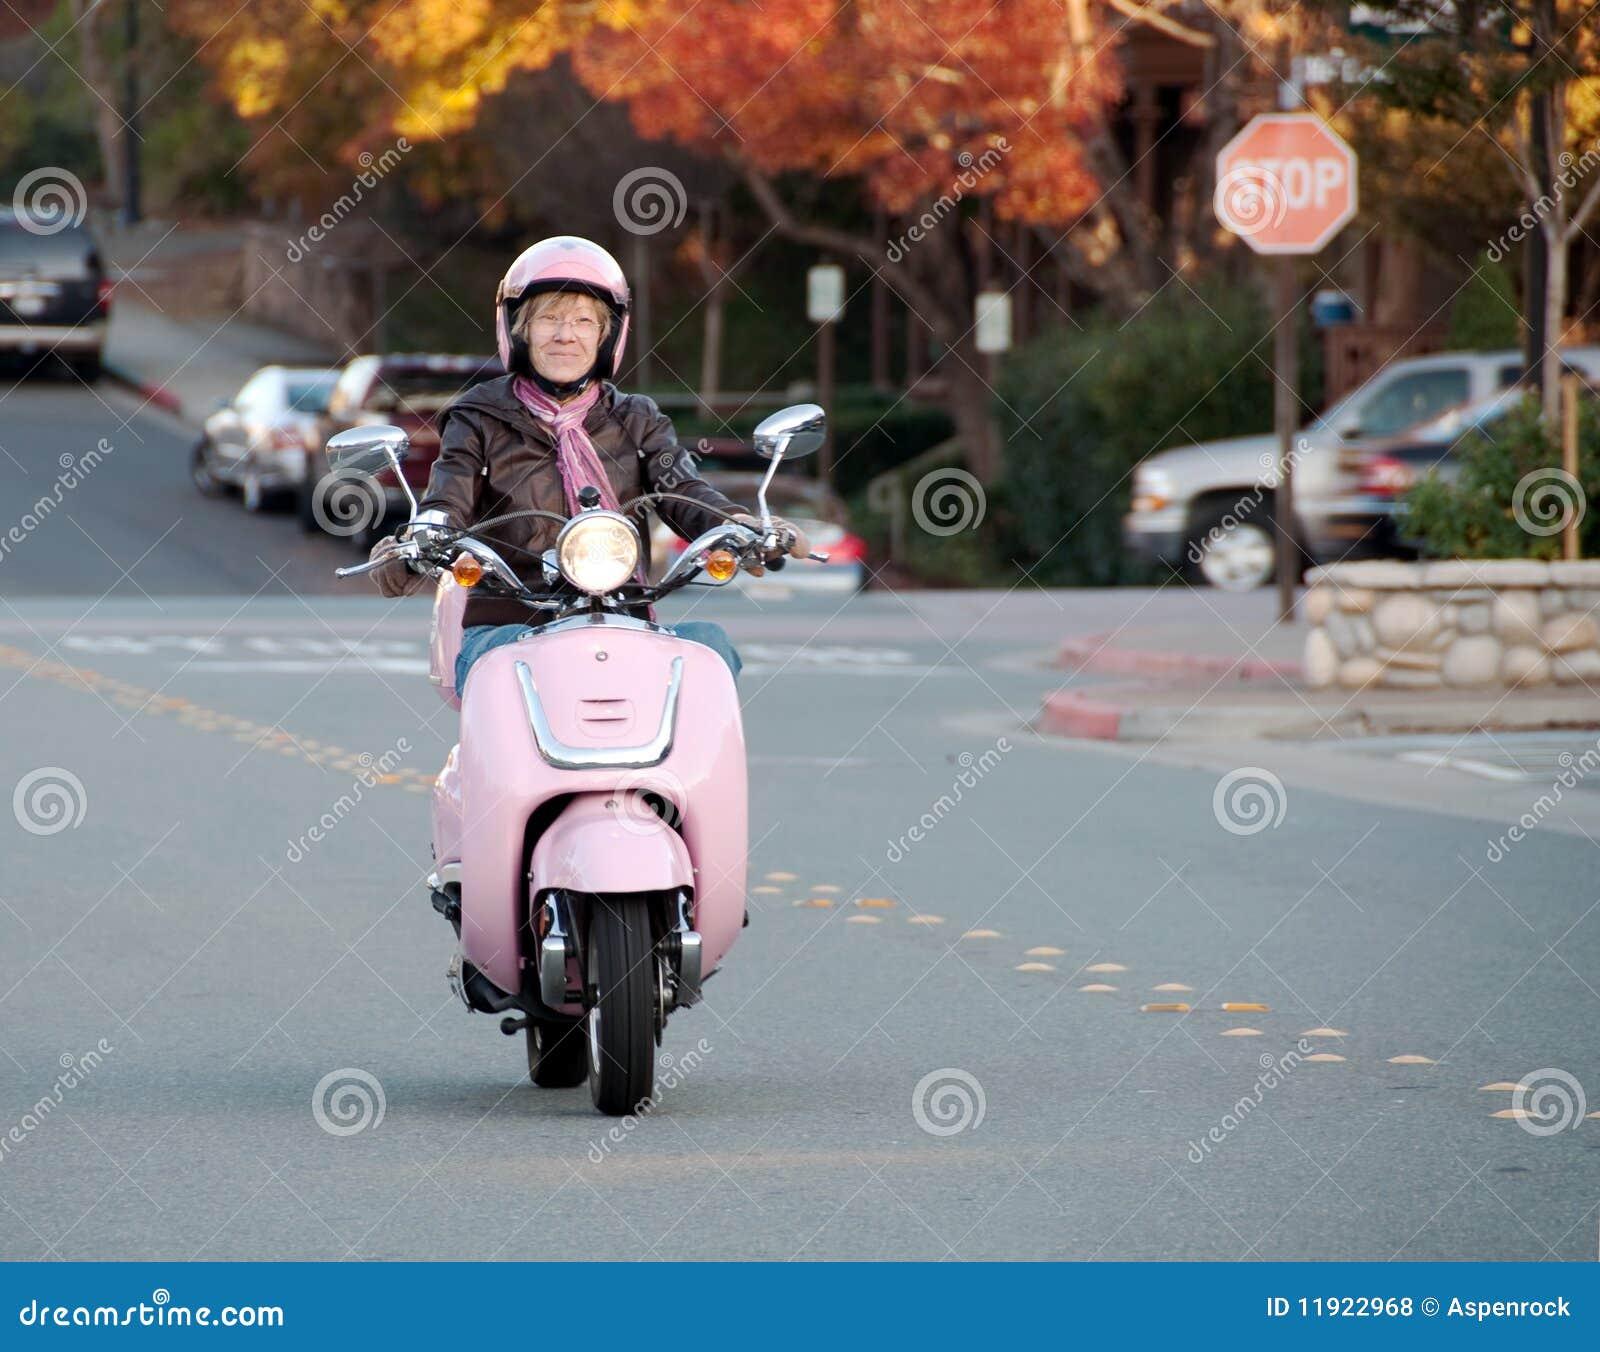 Cycliste De Madame Sur Le Scooter Rose Photos Libres De